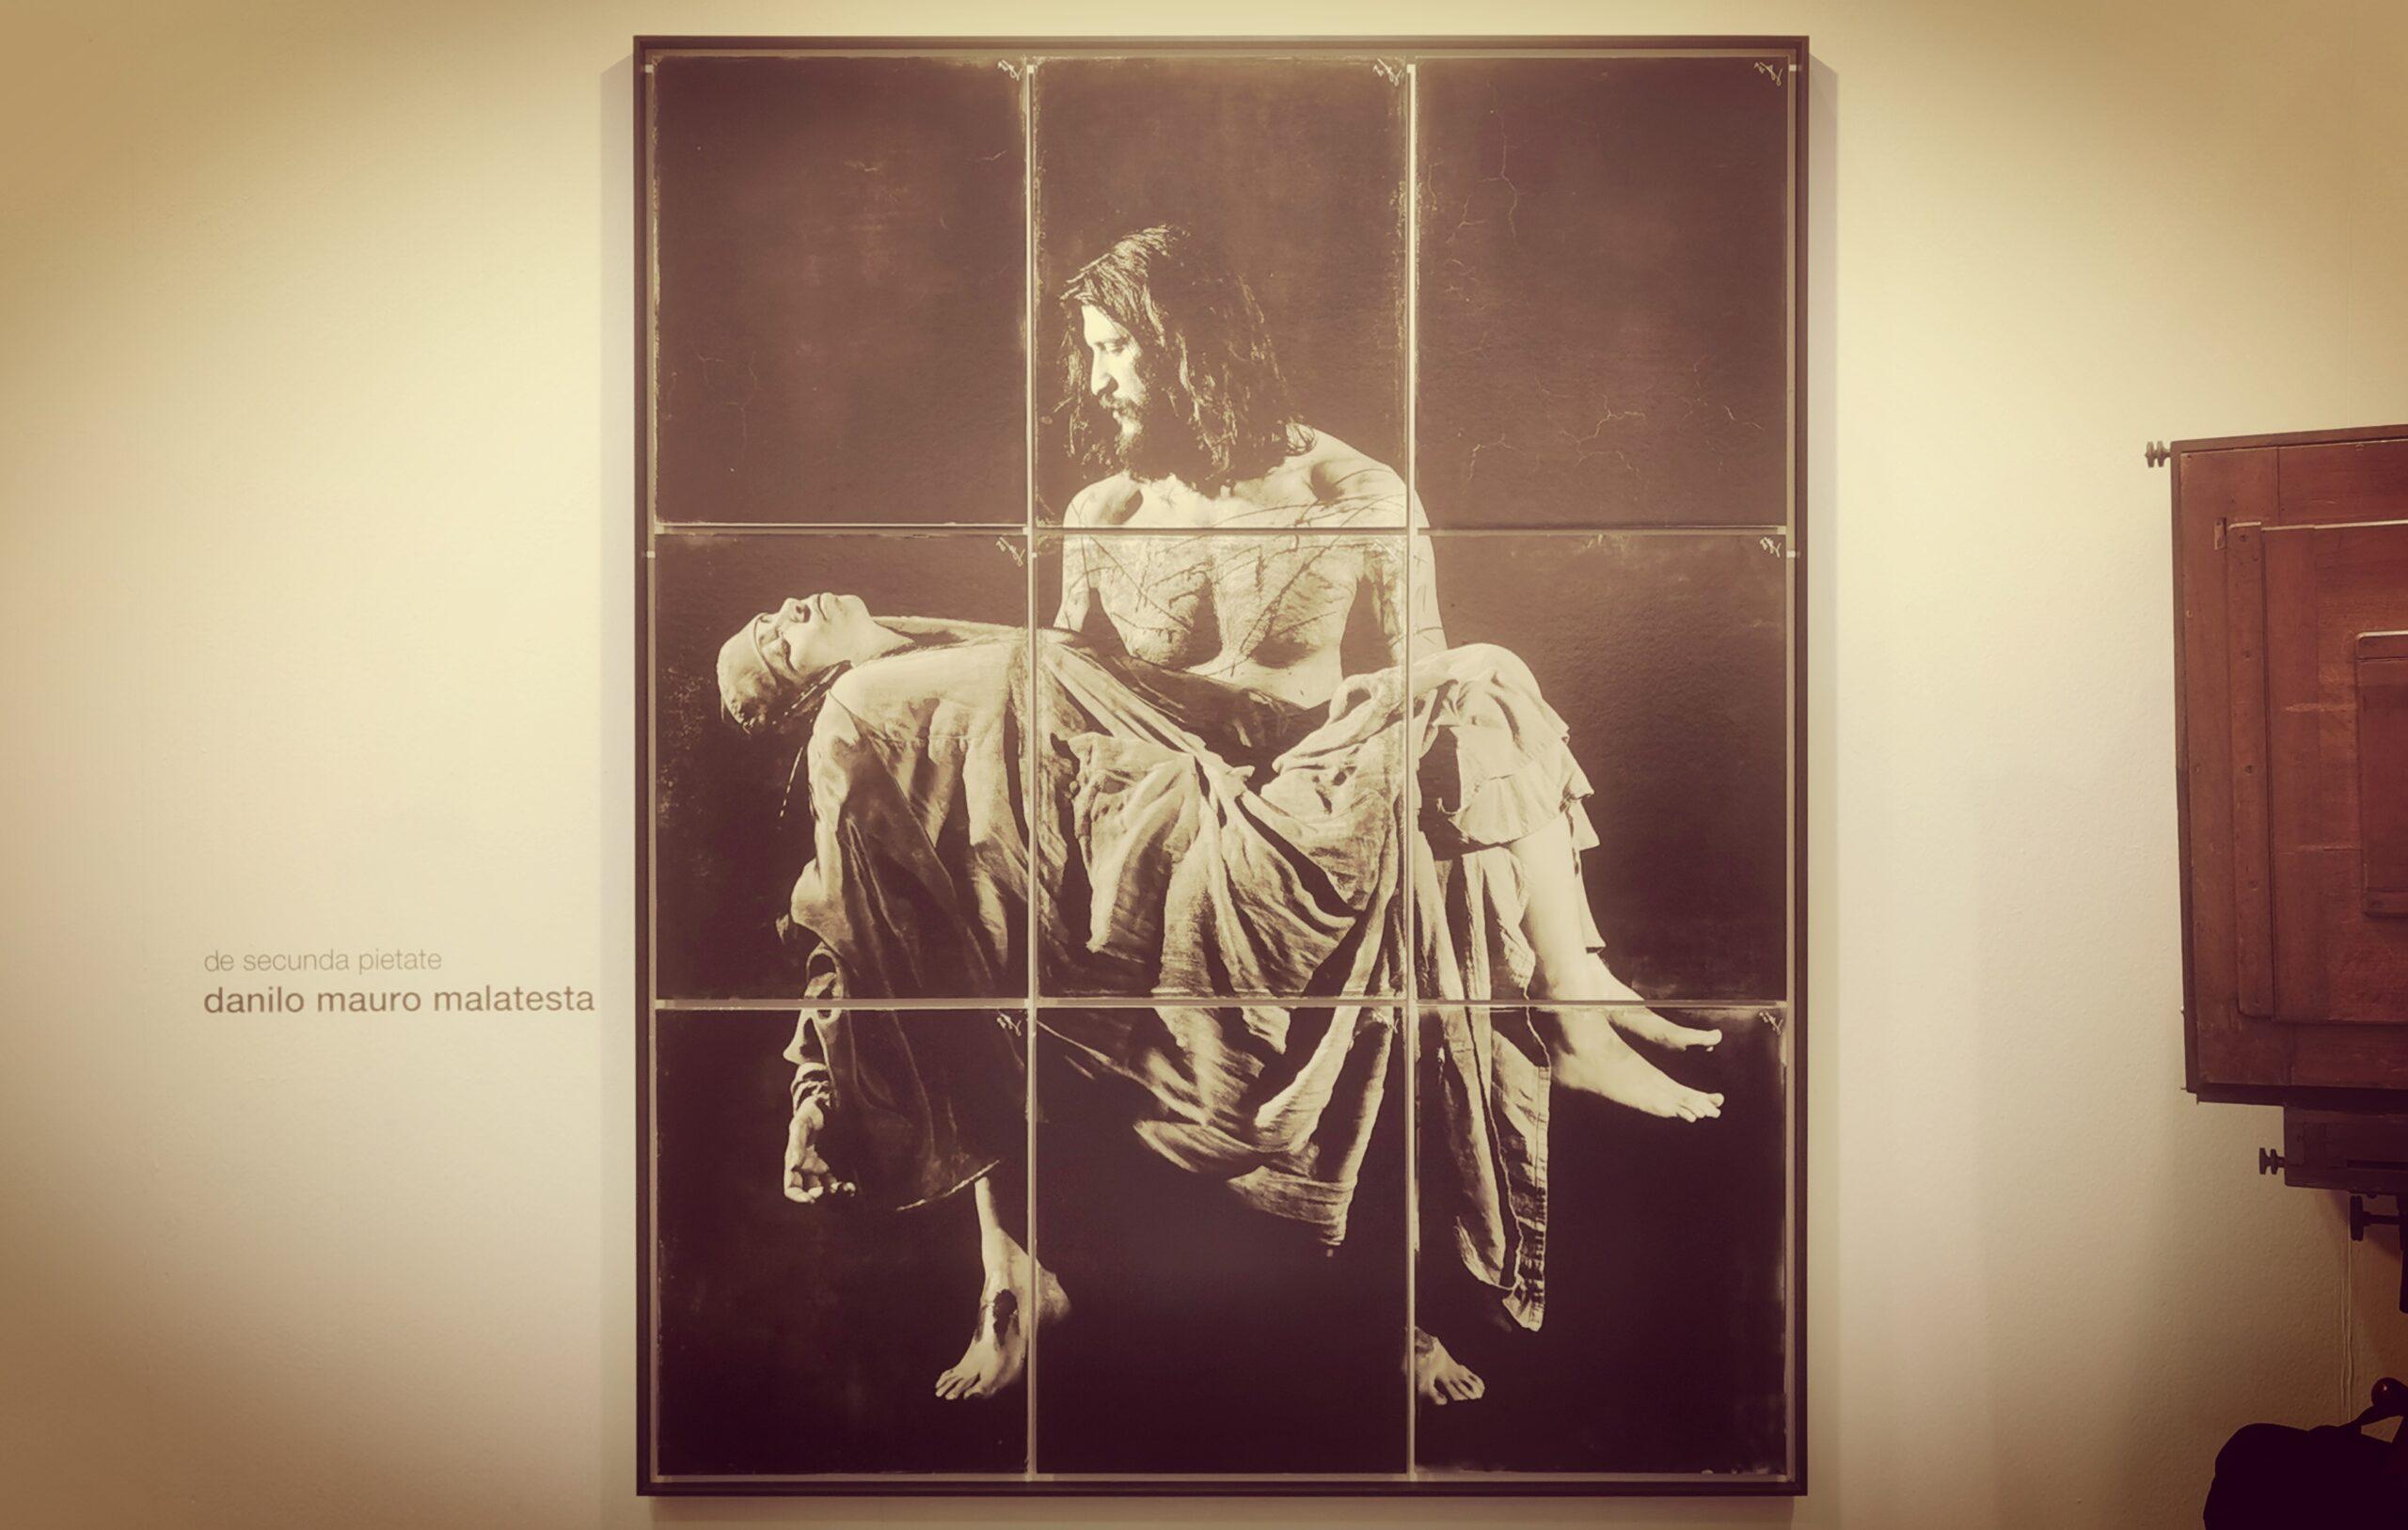 Un altro erede di Michelangelo. Ecco la Pietà di Danilo Malatesta a MIA Fair